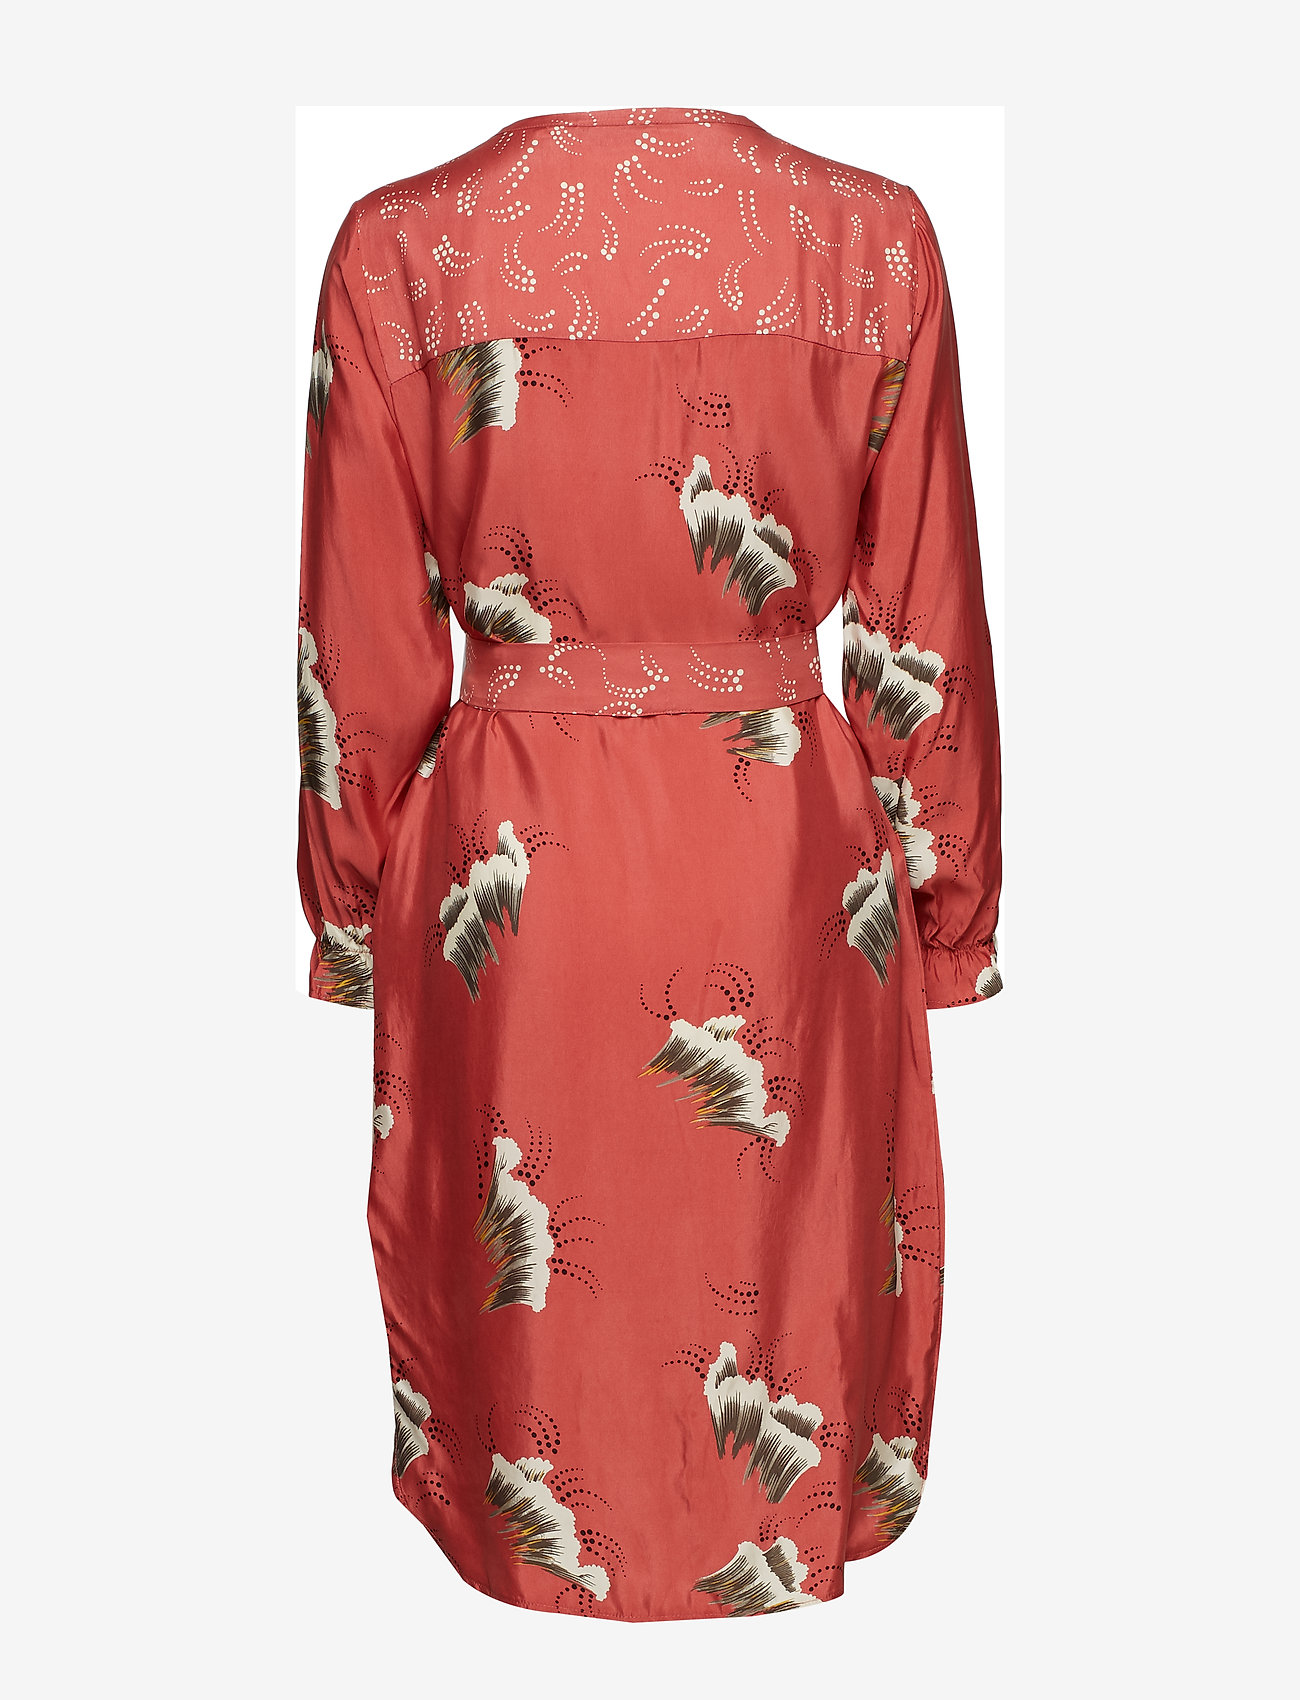 Dress In Sky Print W. Belt (Canyon Rose) (639.60 kr) - Coster Copenhagen